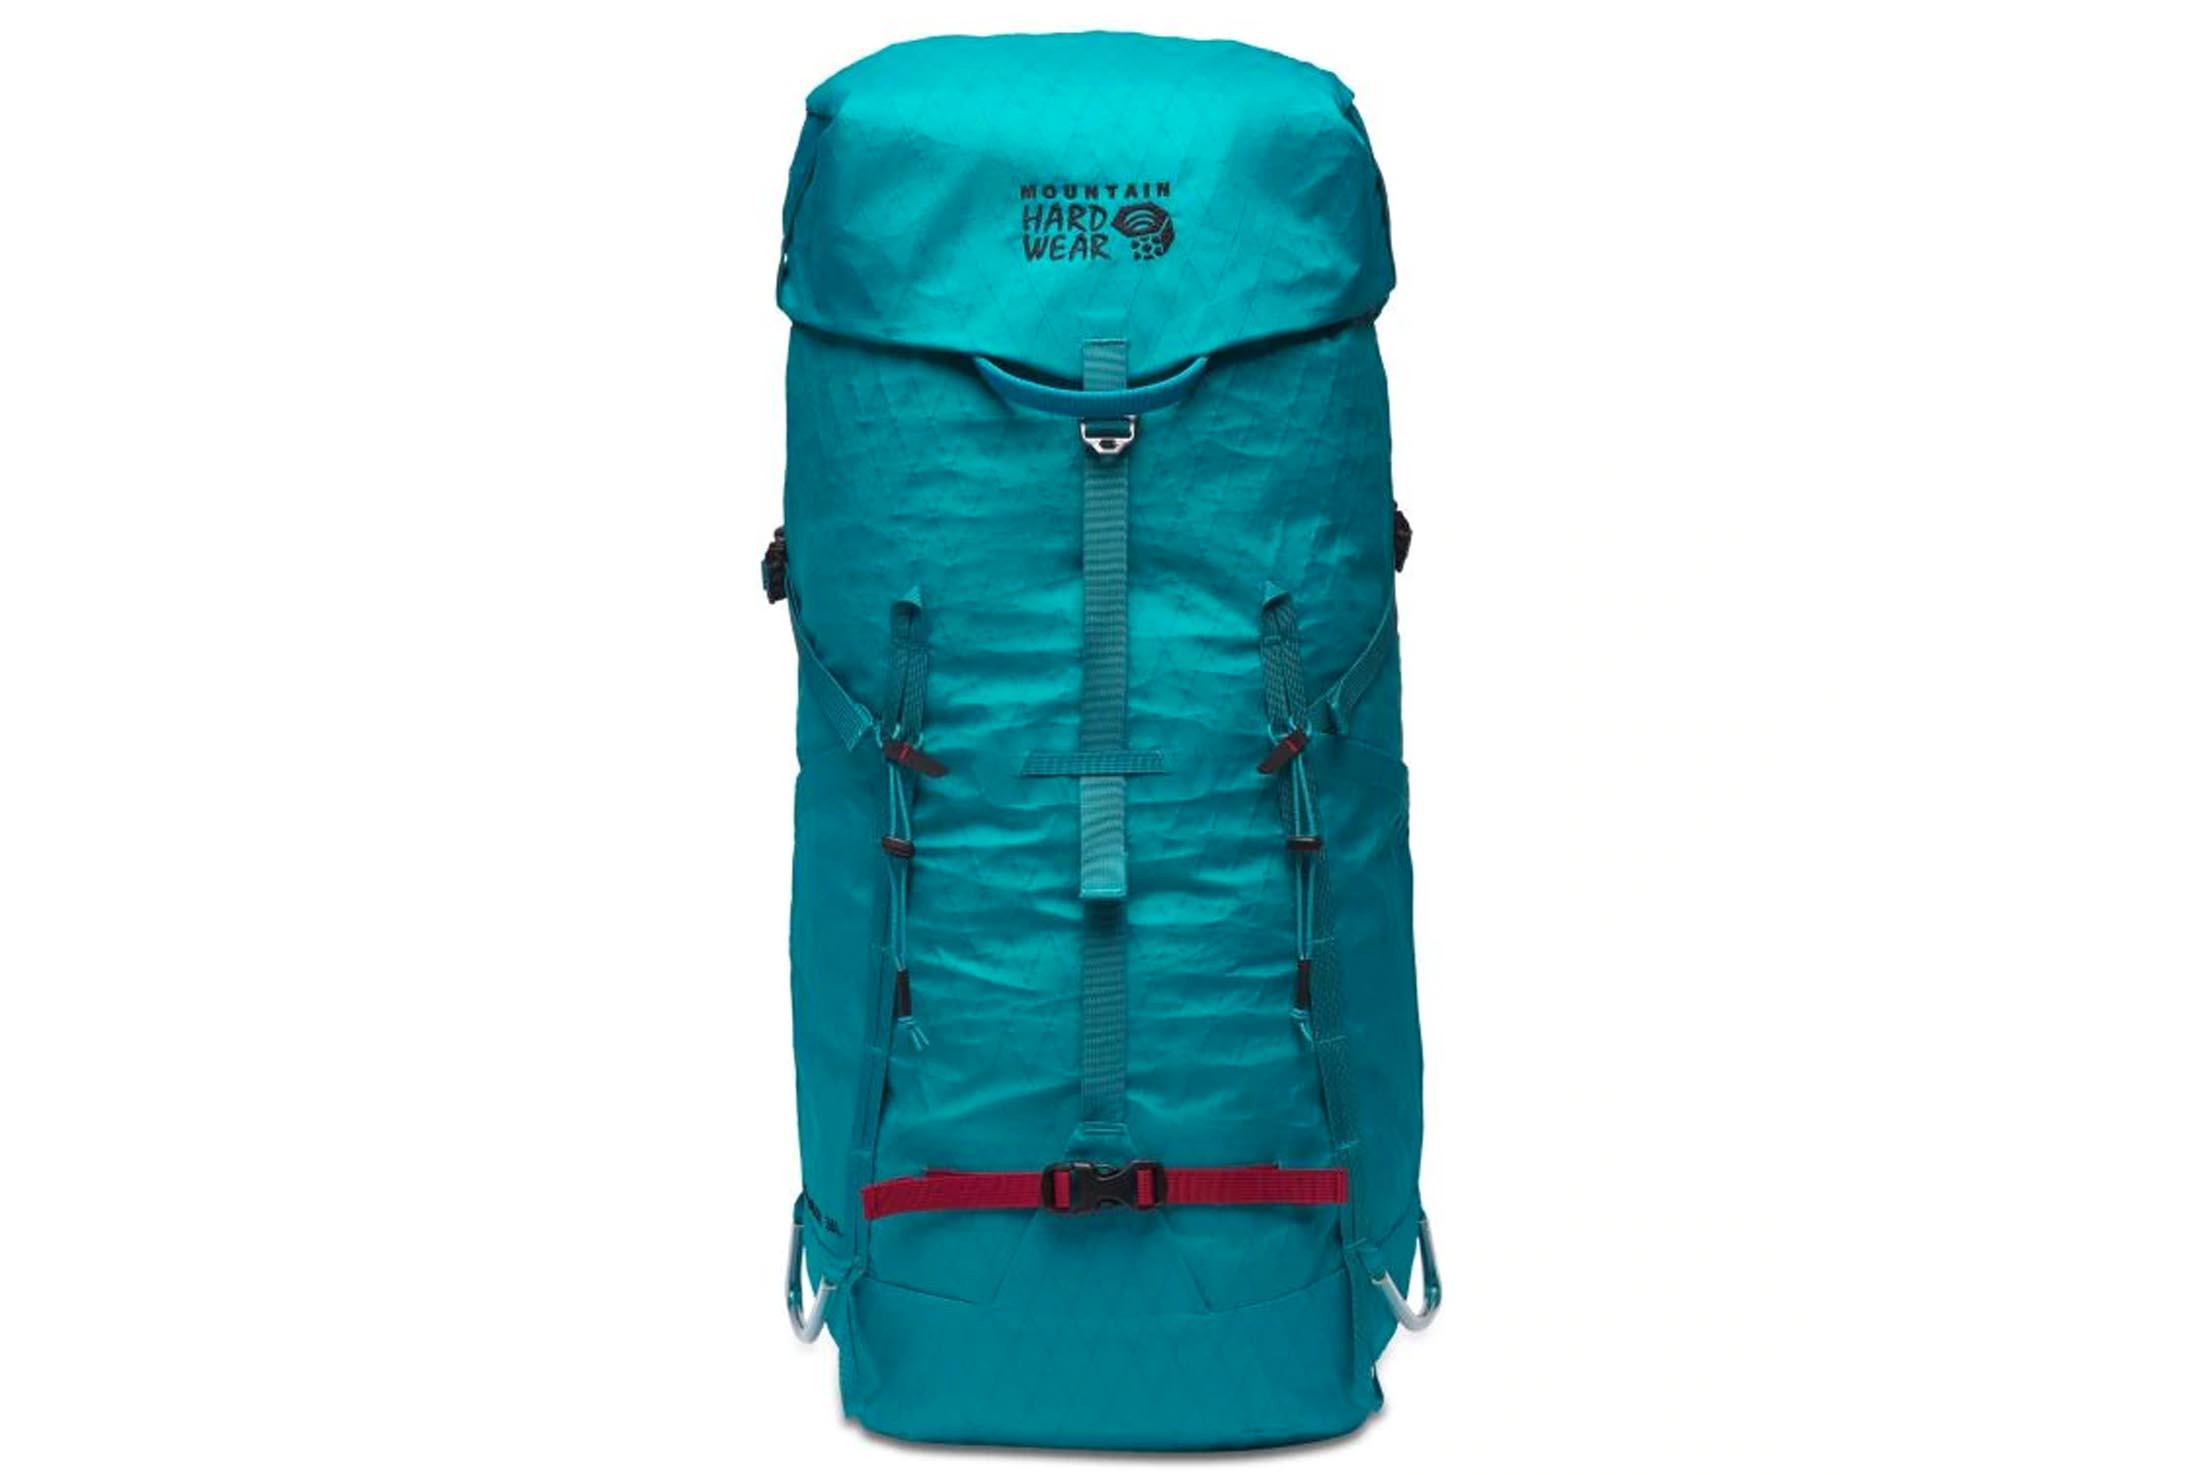 mountain hardwear scrambler pack